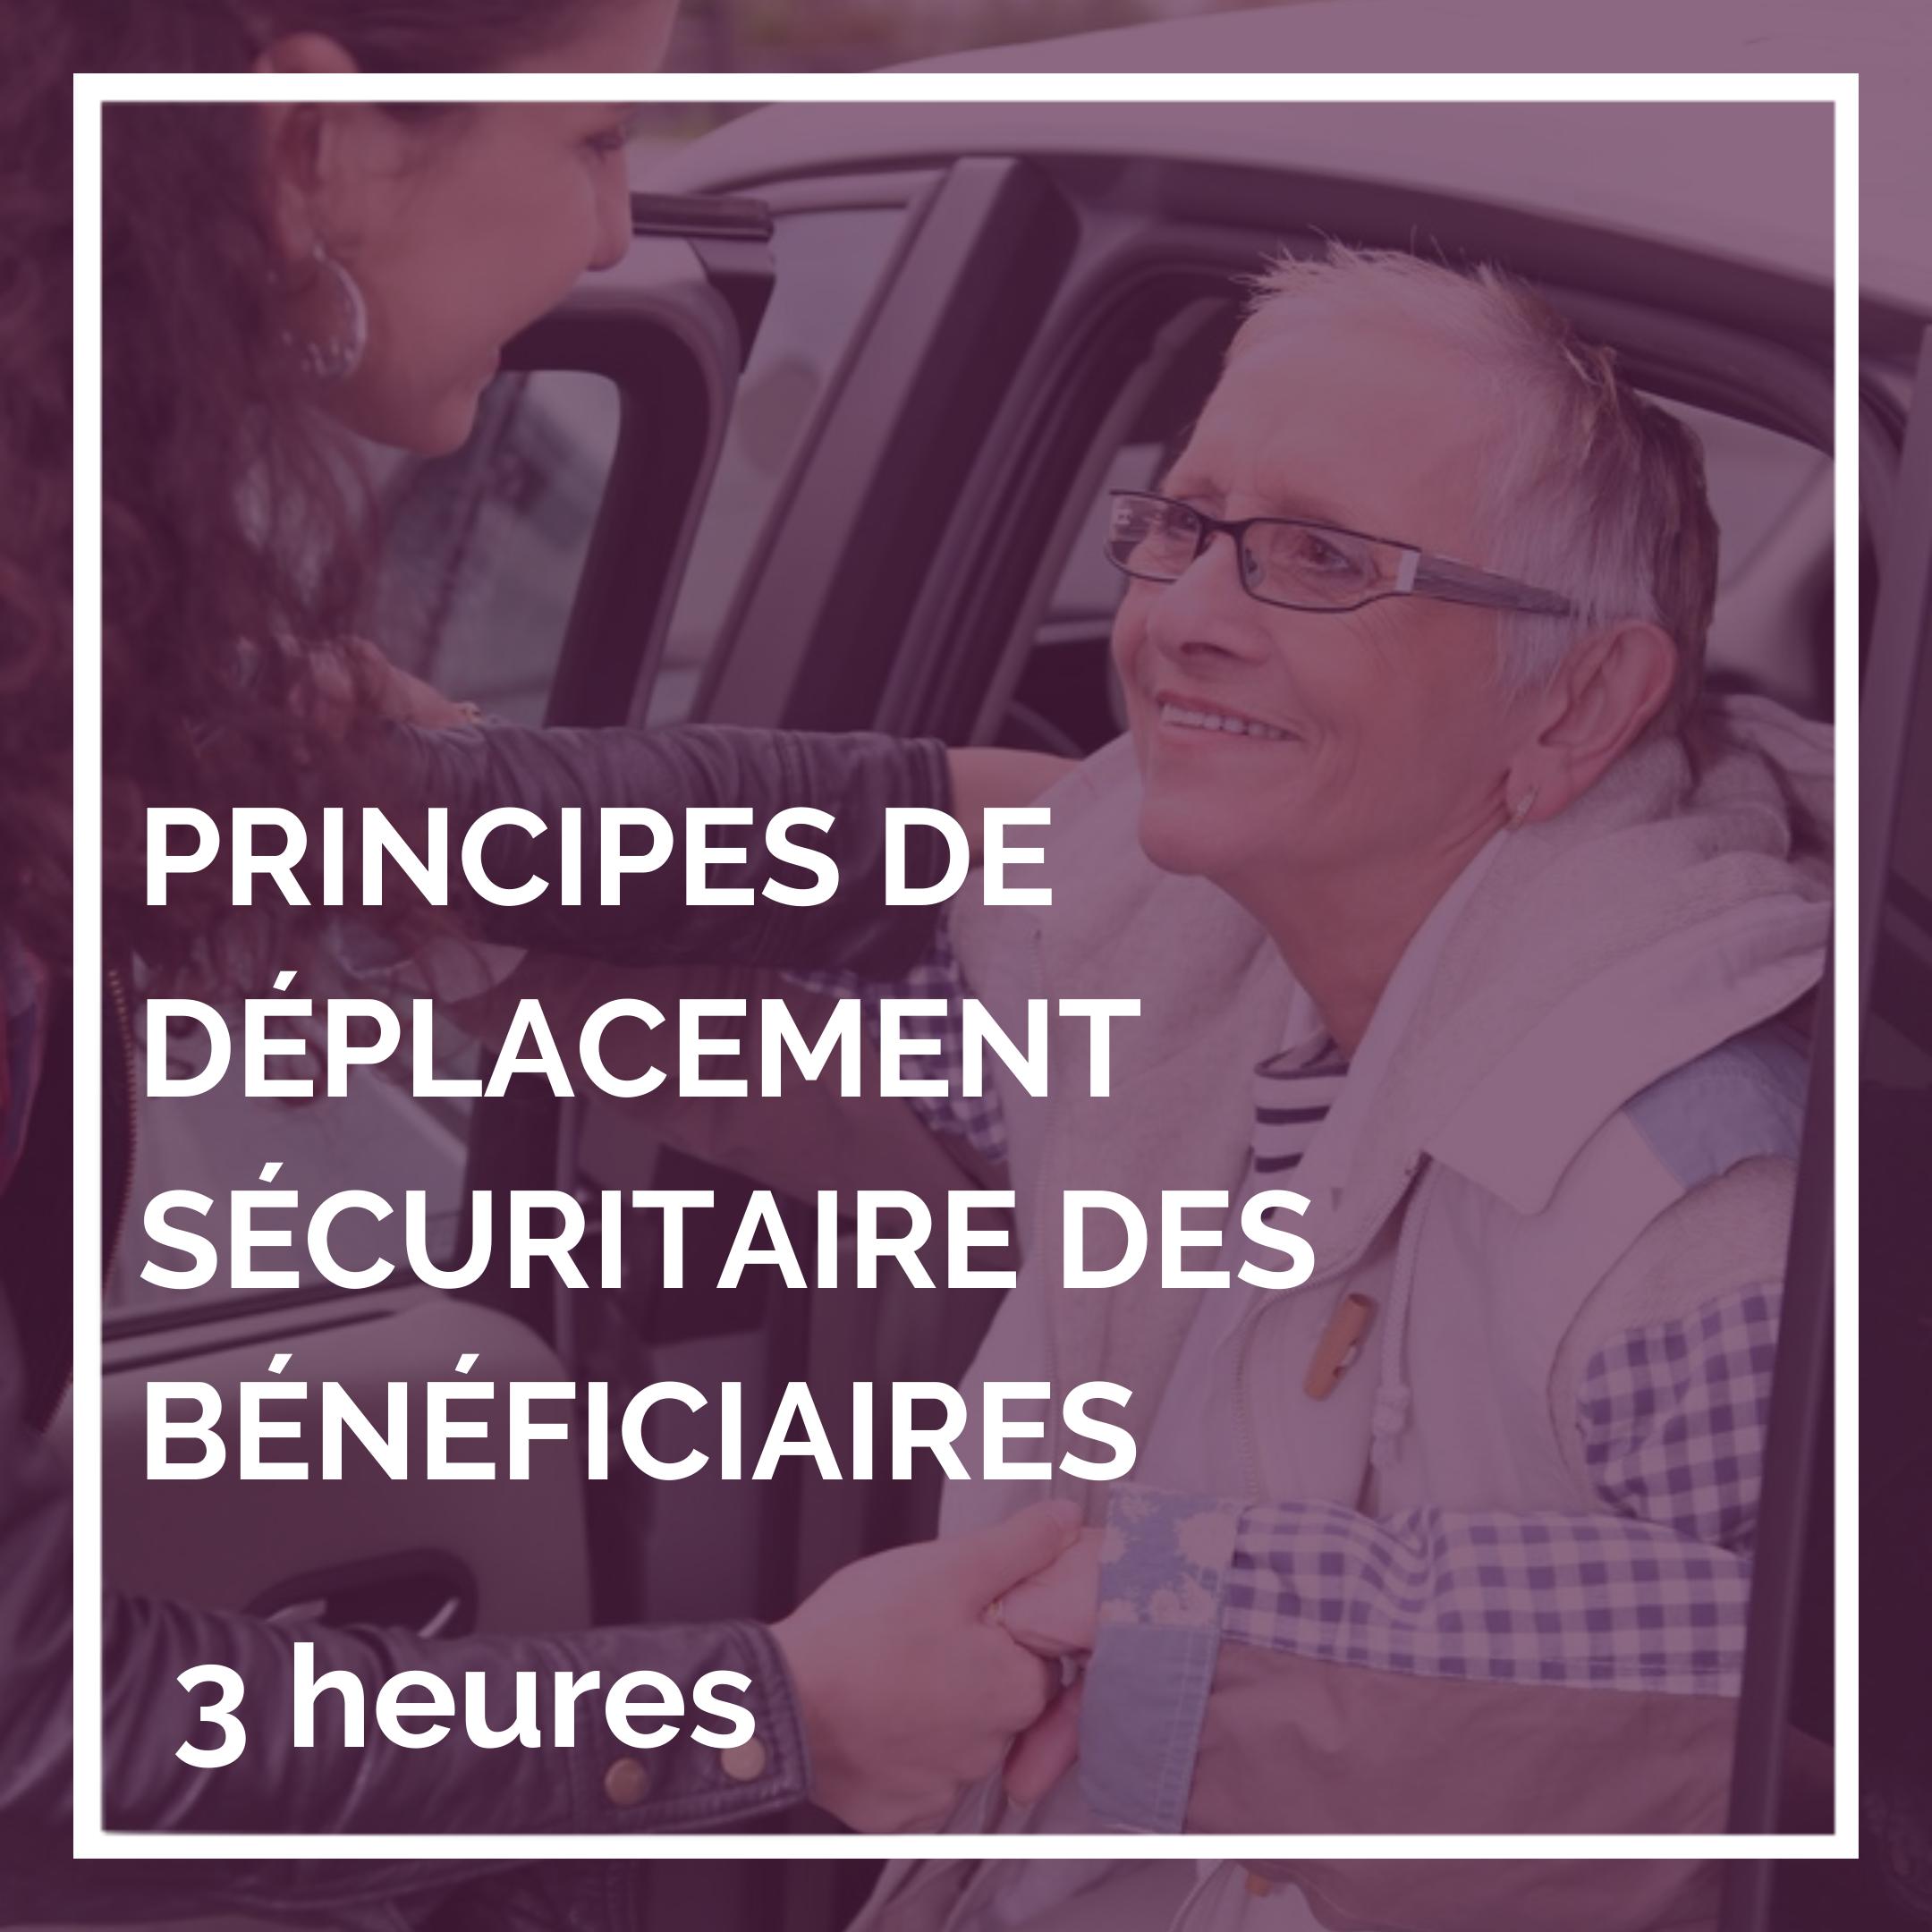 Principes de déplacement sécuritaire des bénéficiaires